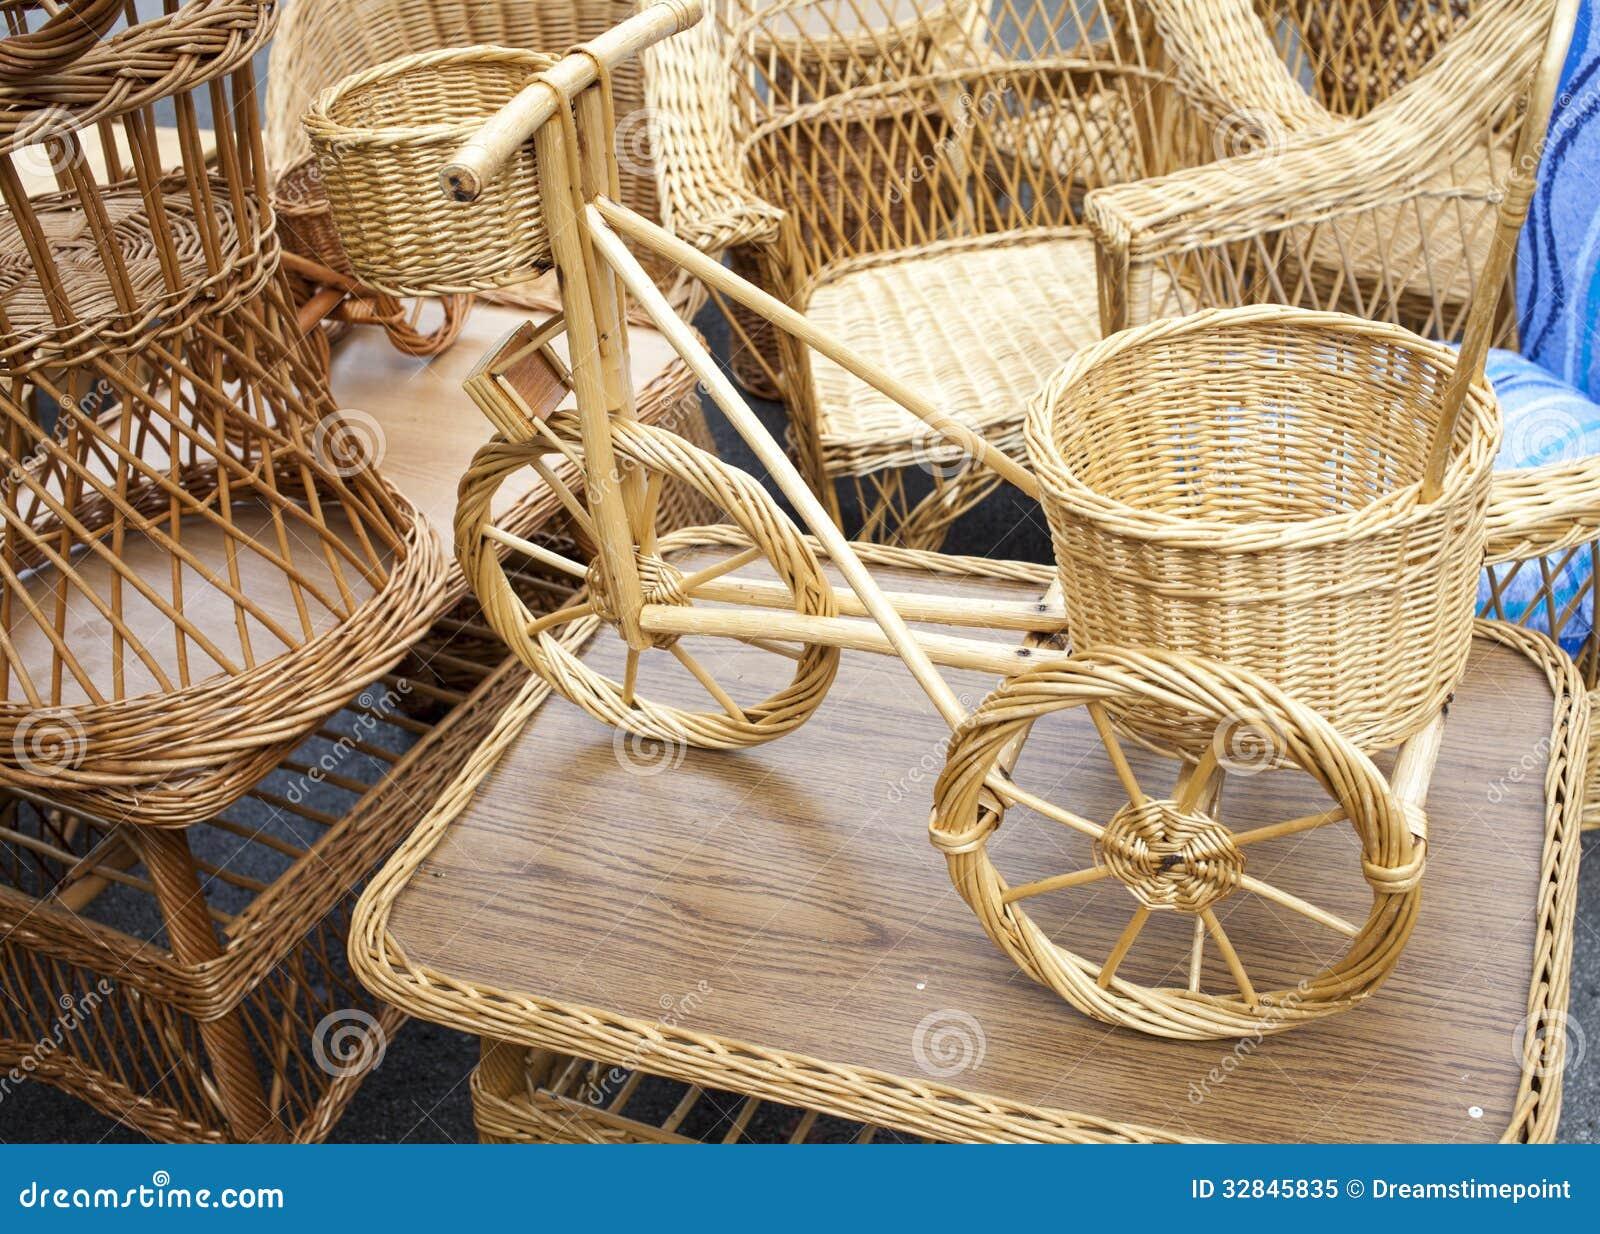 Bicicleta Y Muebles De Mimbre Imagen De Archivo Imagen De  # Muebles Bicicleta